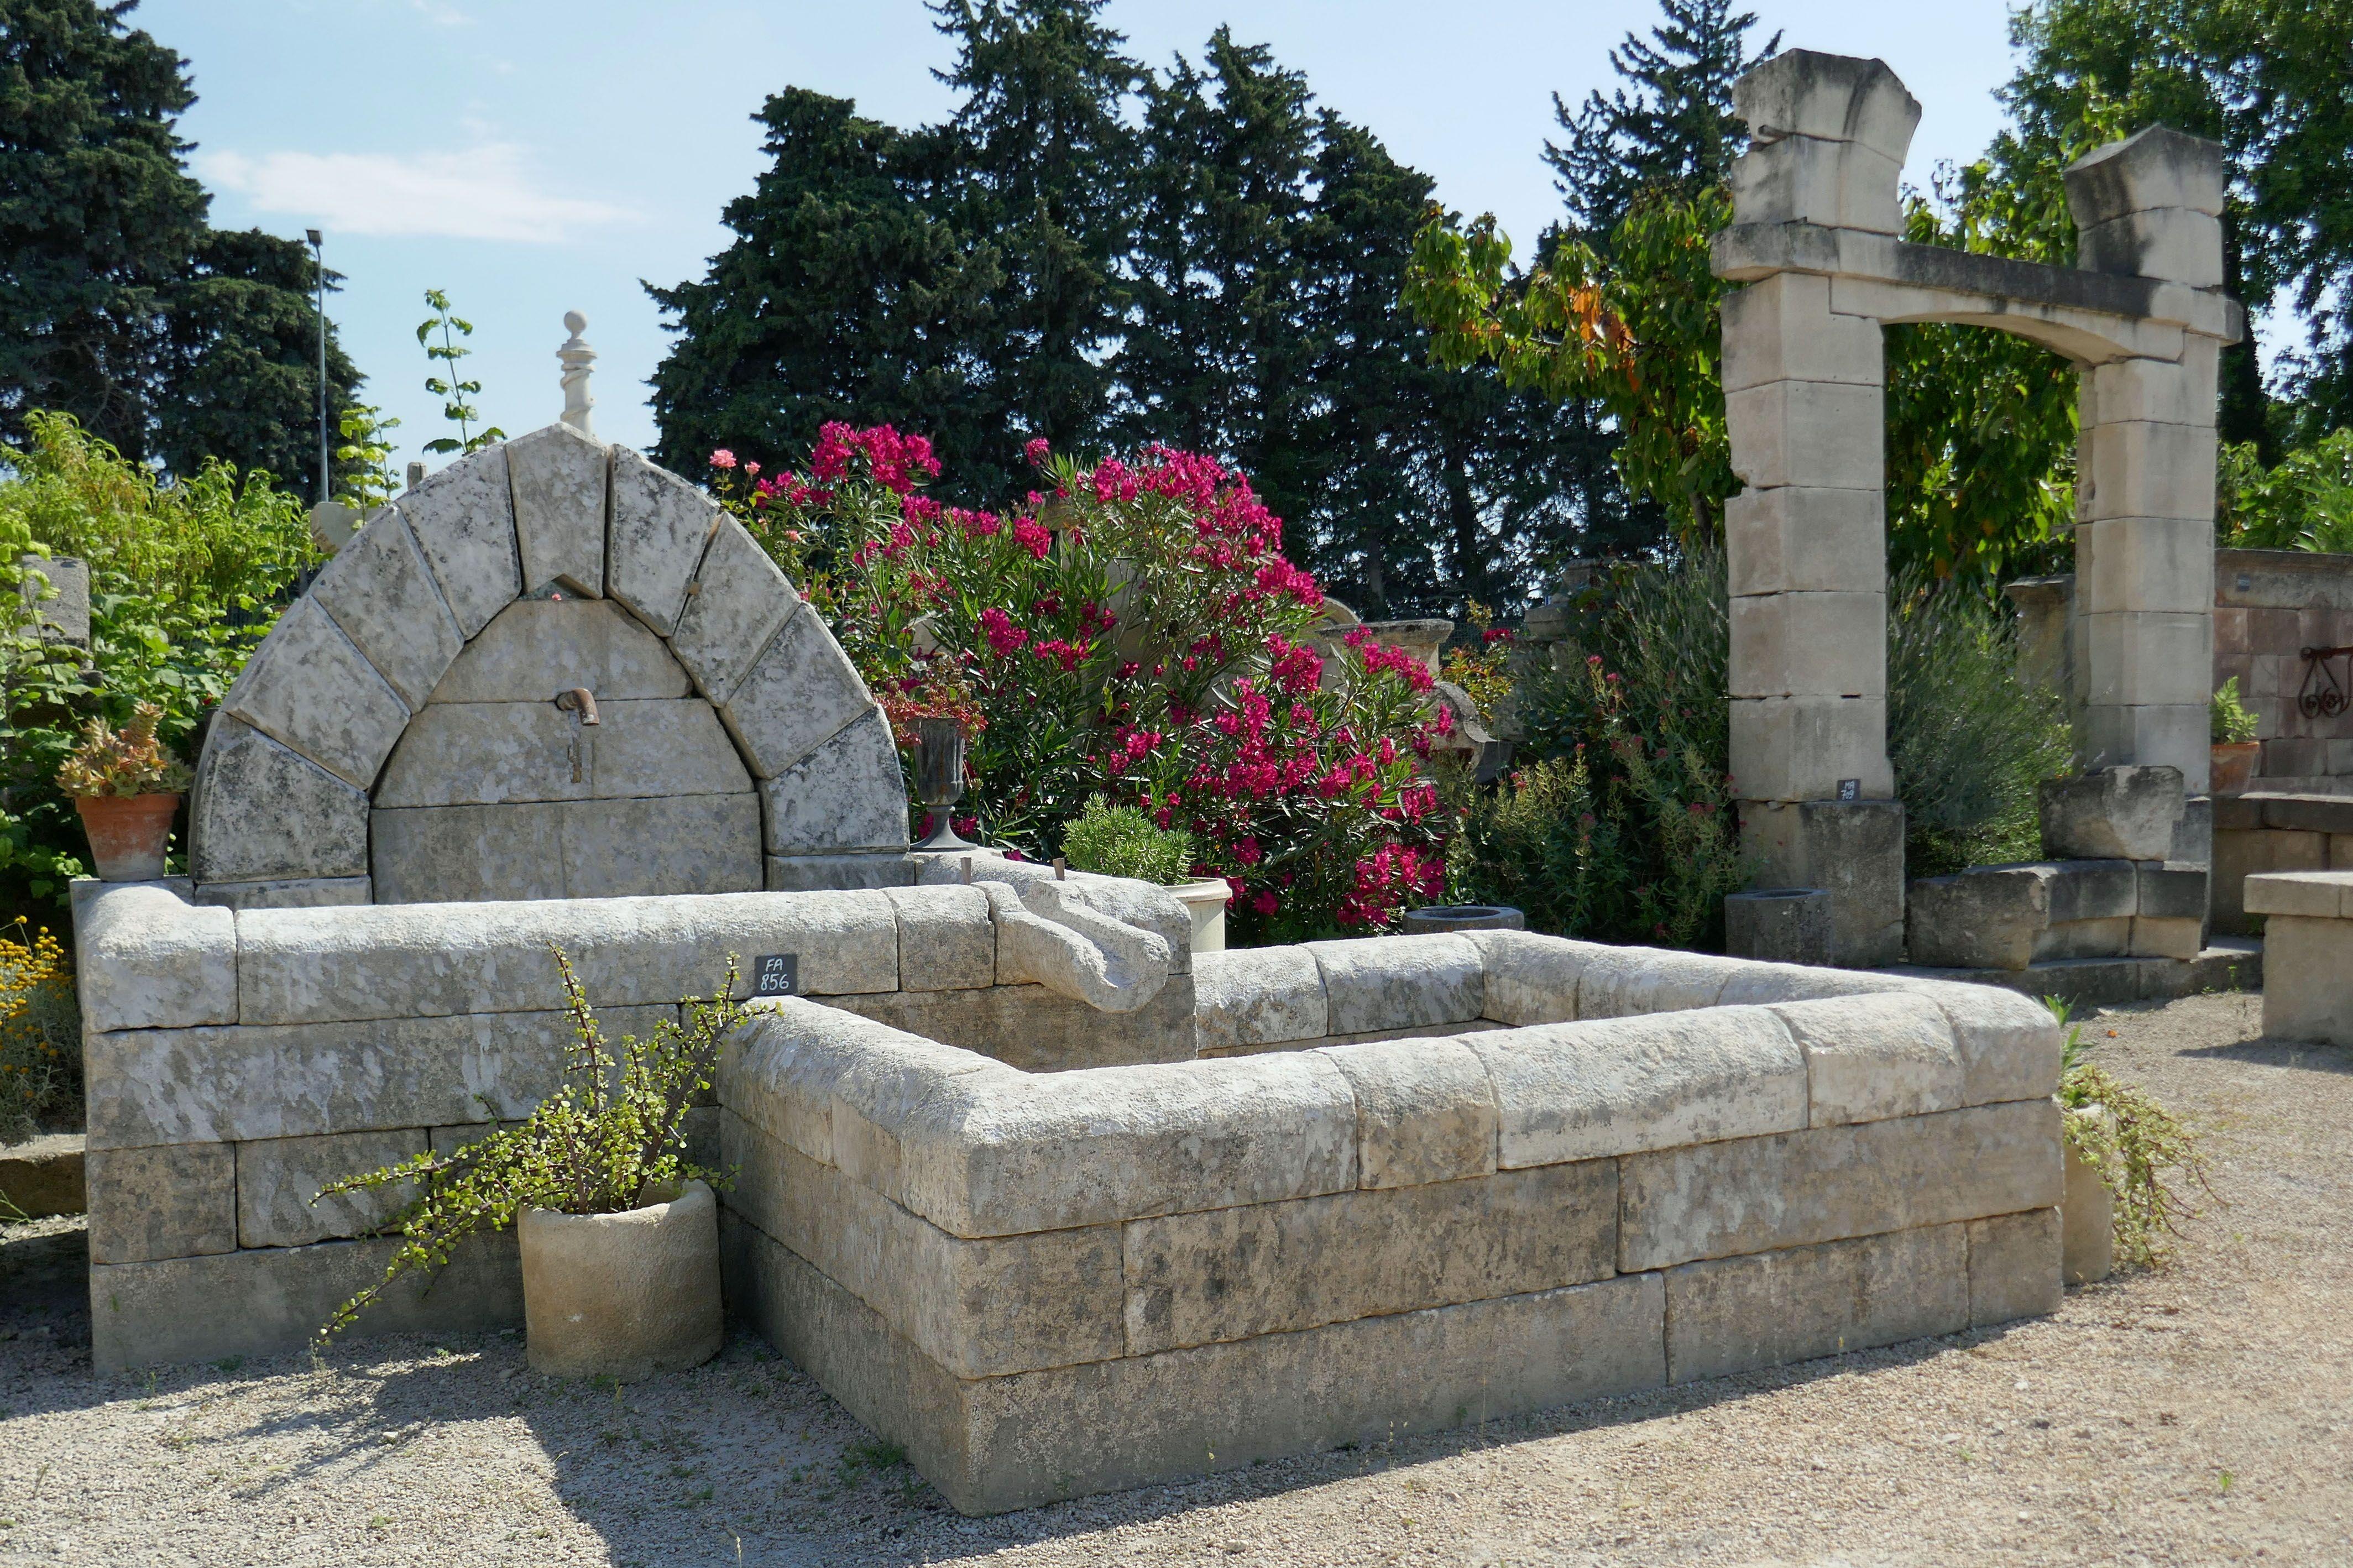 Cette Magnifique Fontaine De Jardin En Pierres Anciennes Est Une Large Fontaine Murale Qui Presente La Parti Fontaine De Jardin Fontaine Pierre Fontaine Murale